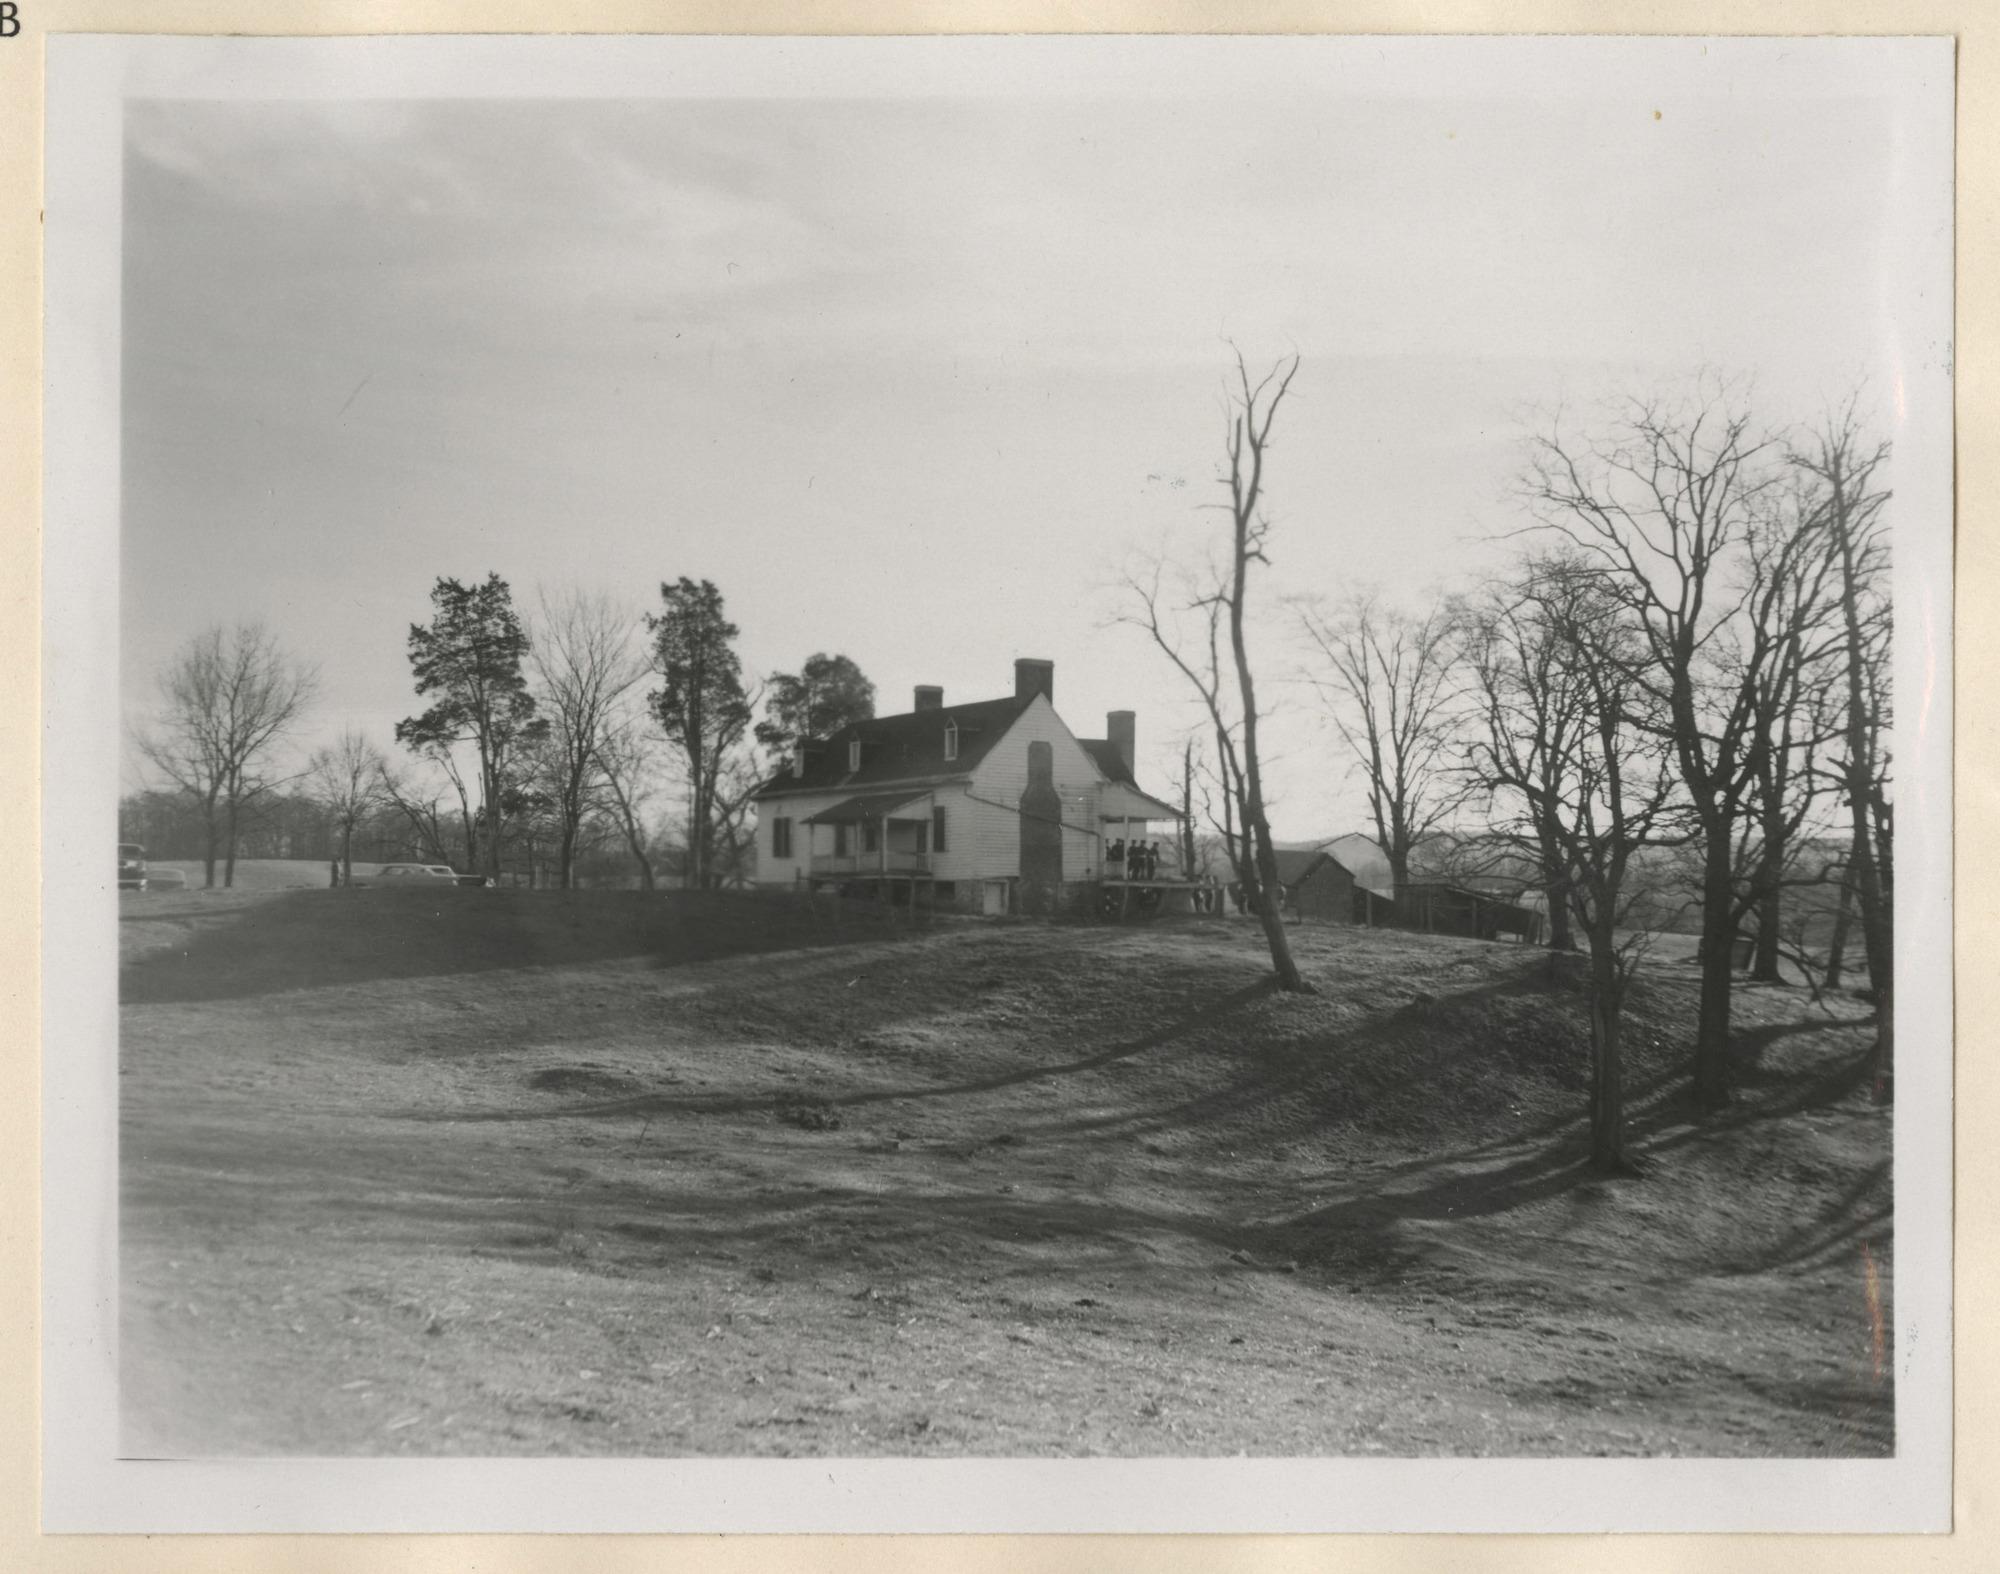 SmithfieldFarm_1958.jpg